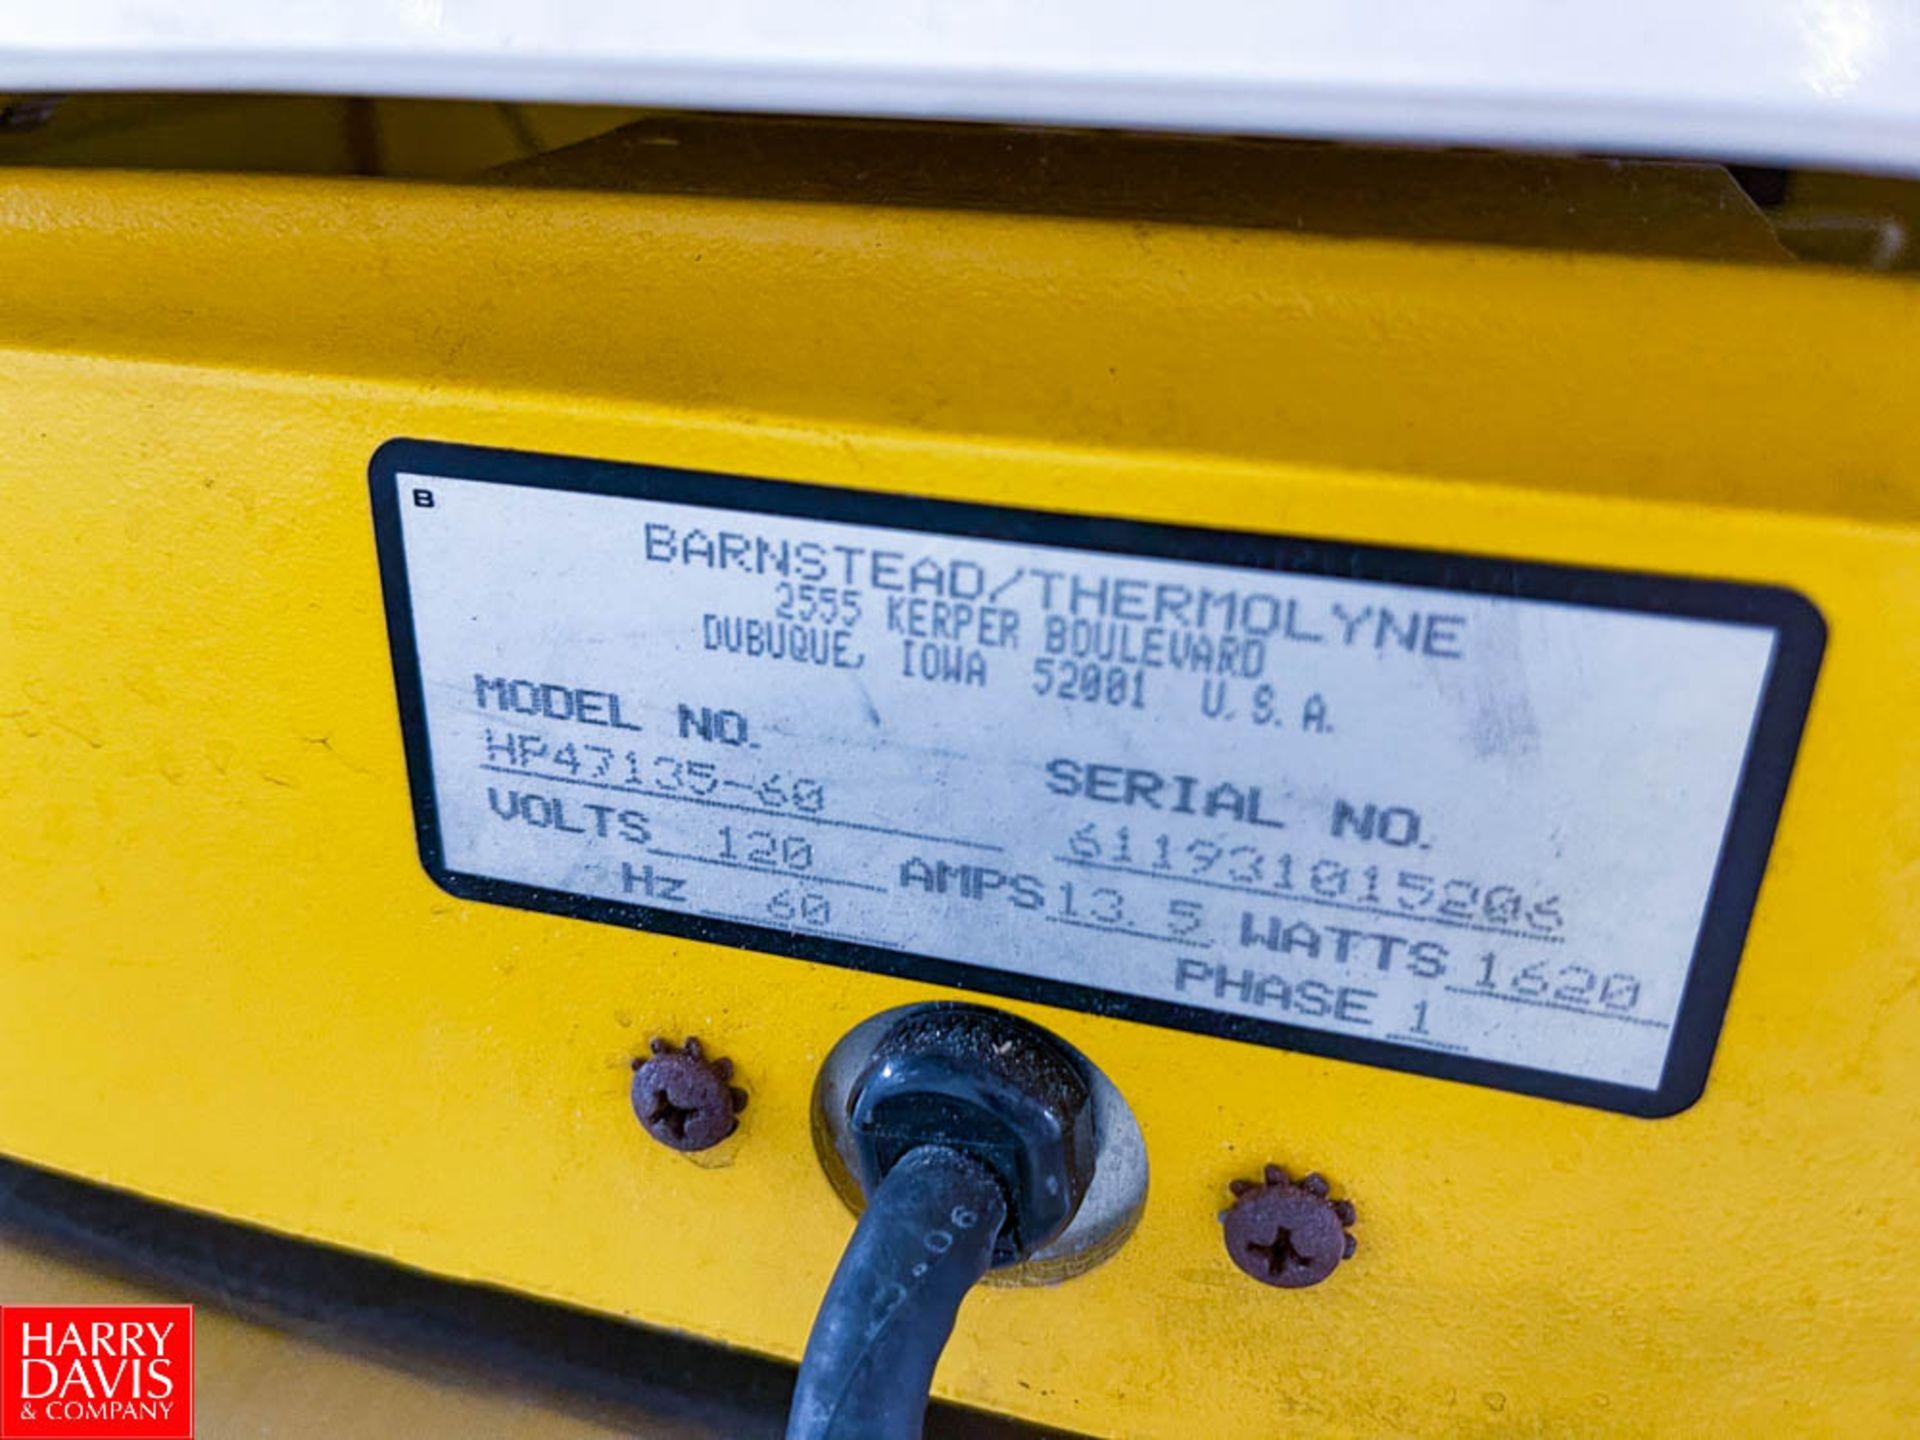 Barnstead Lab-Line Cimarec 3 Magnetic Hot Plate with Strirrer Model HP47135-60 - Image 2 of 2